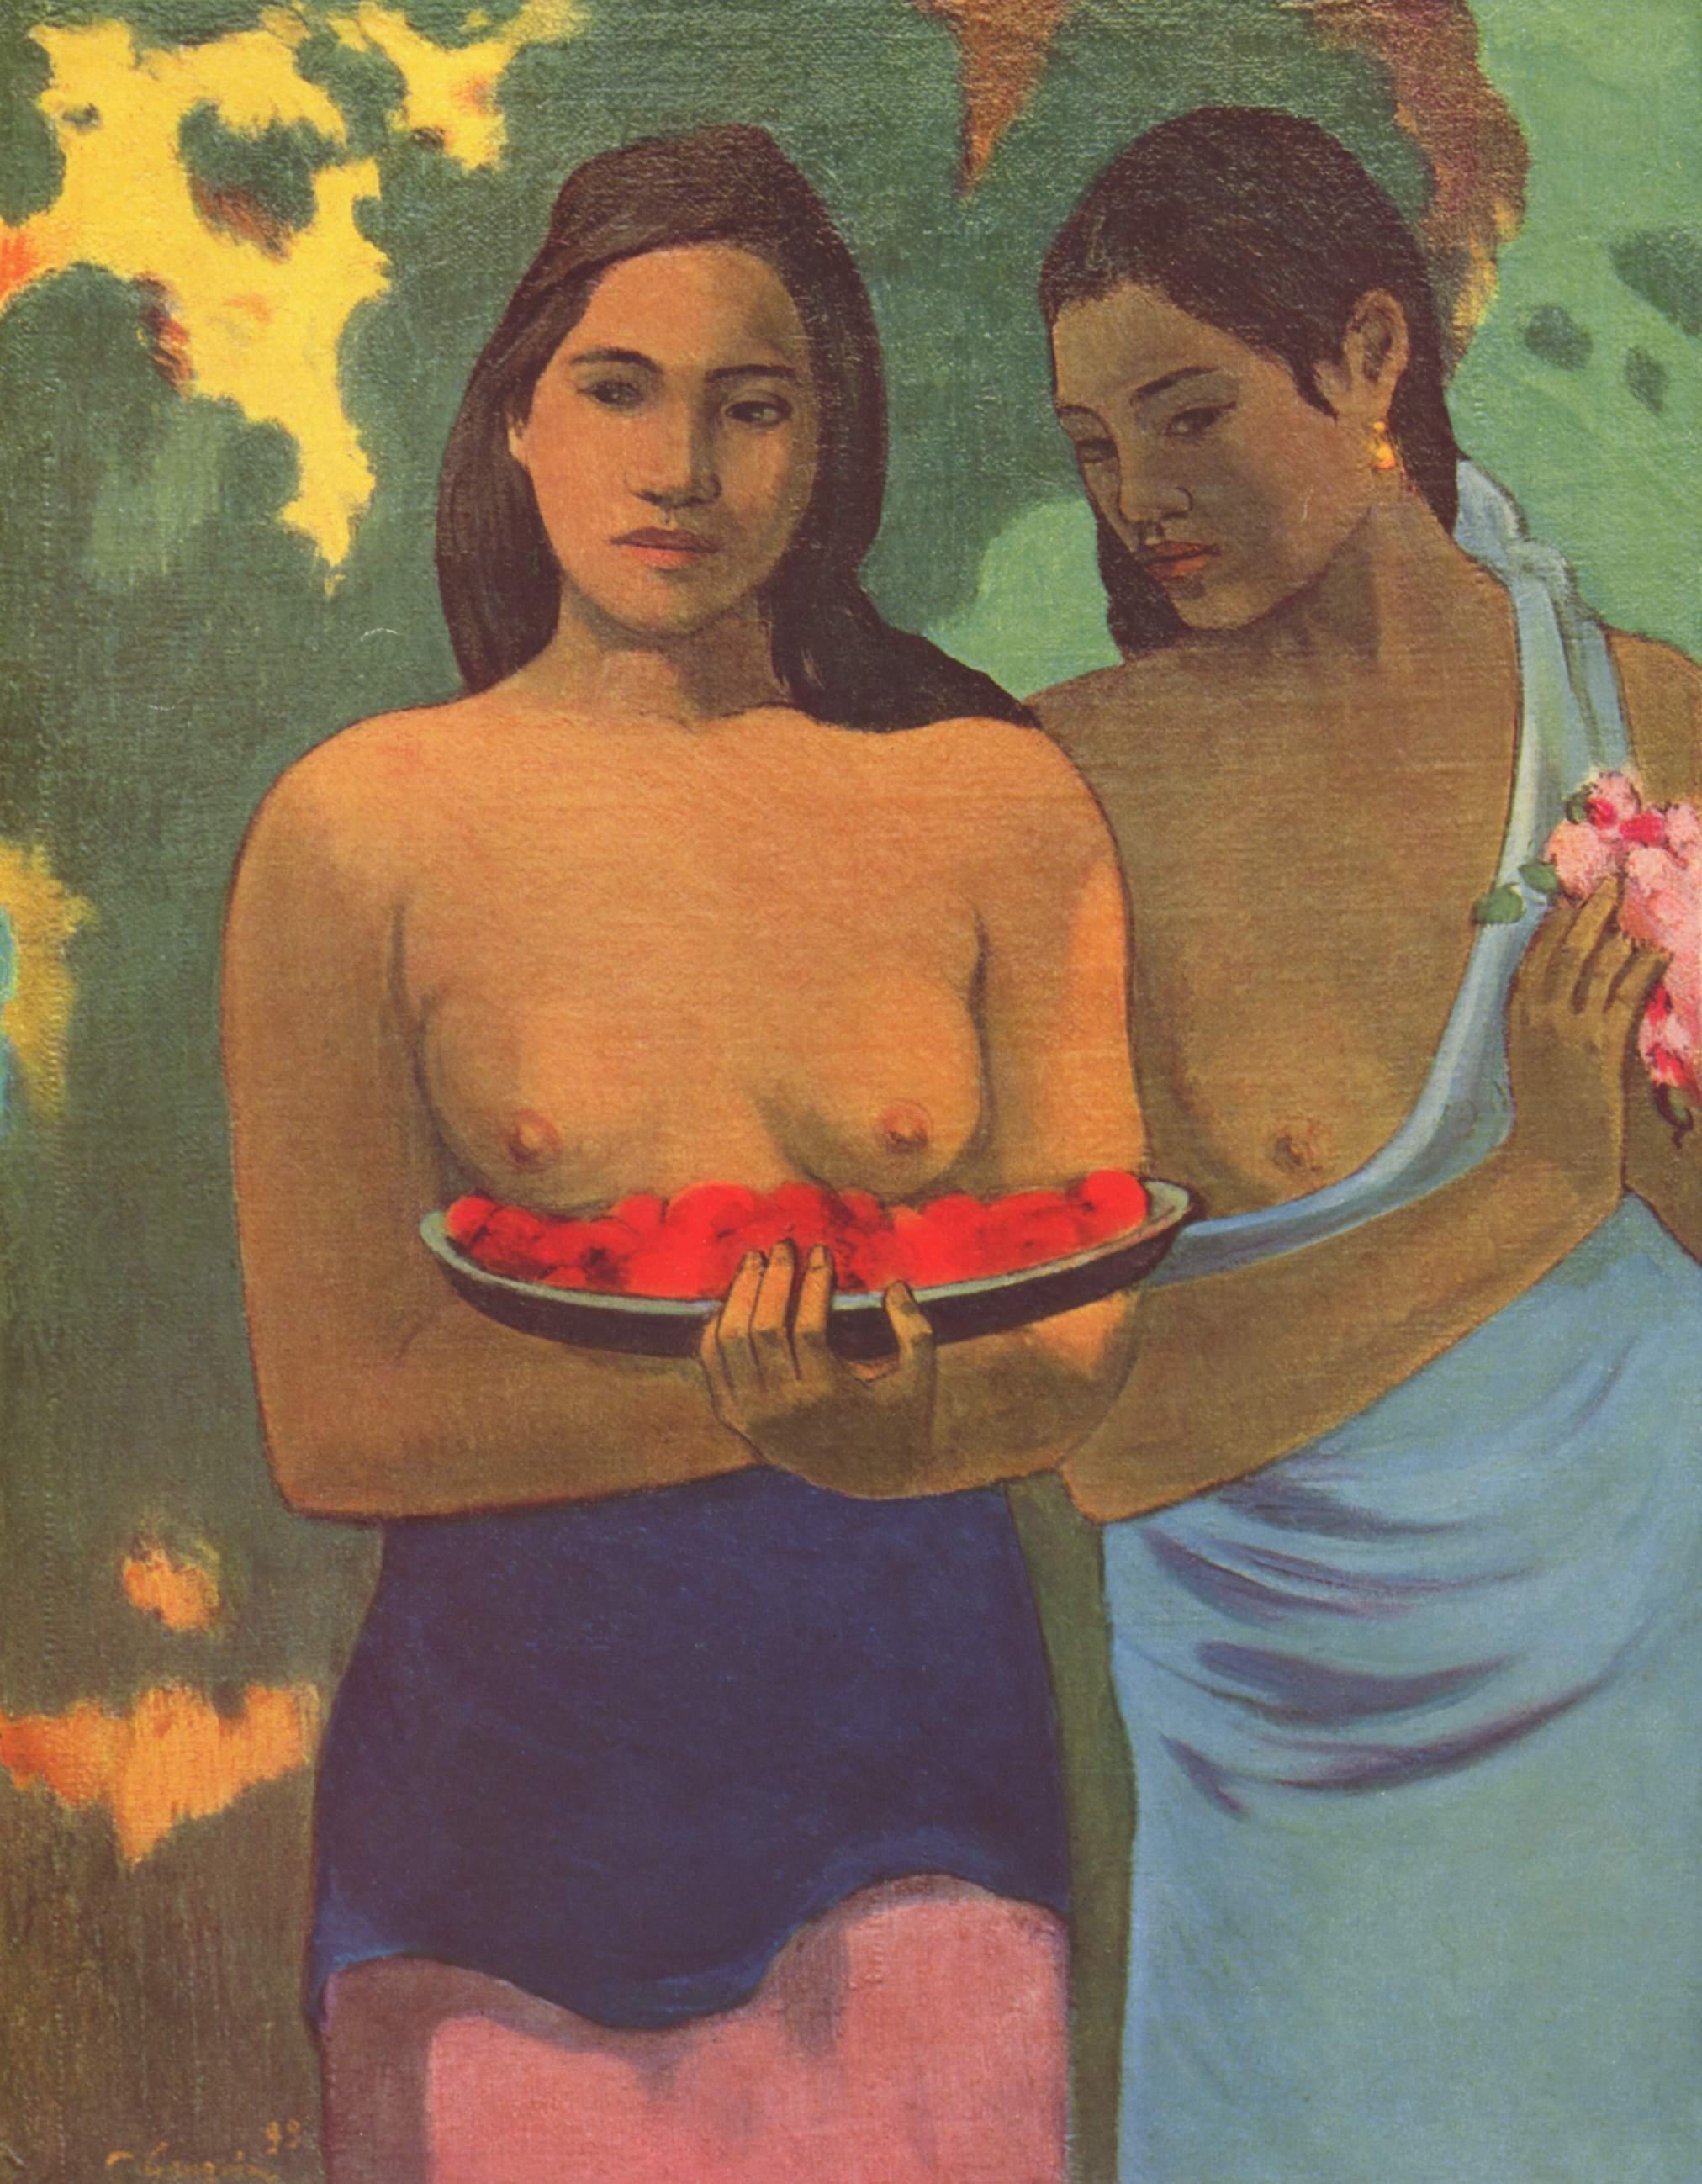 fluer wiki Penkowa breasts